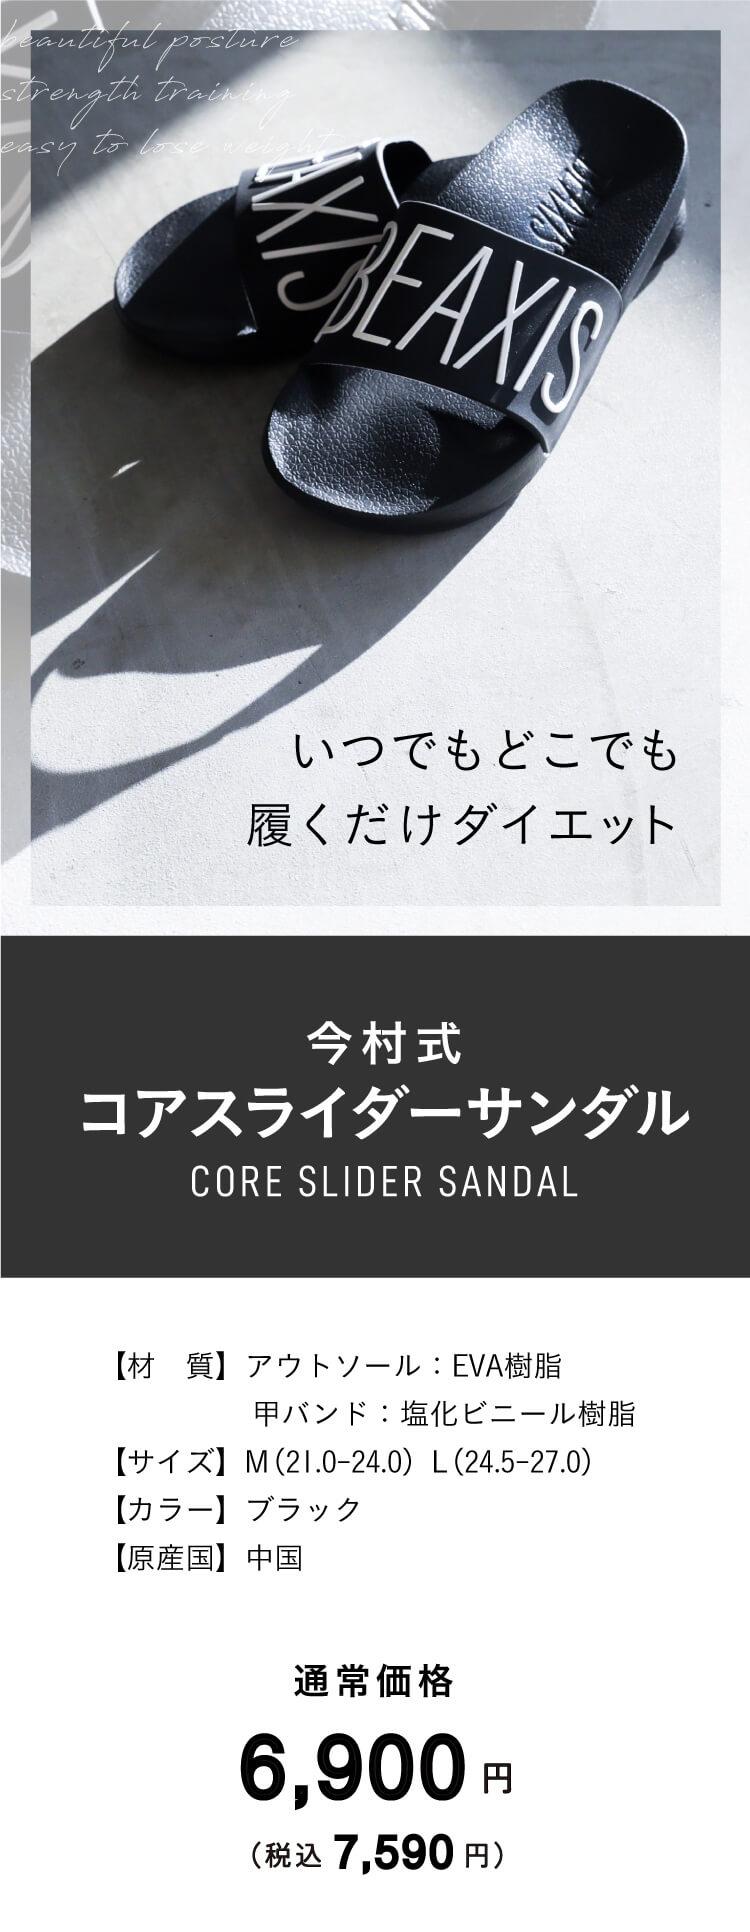 今村式コアスライダーサンダル商品紹介